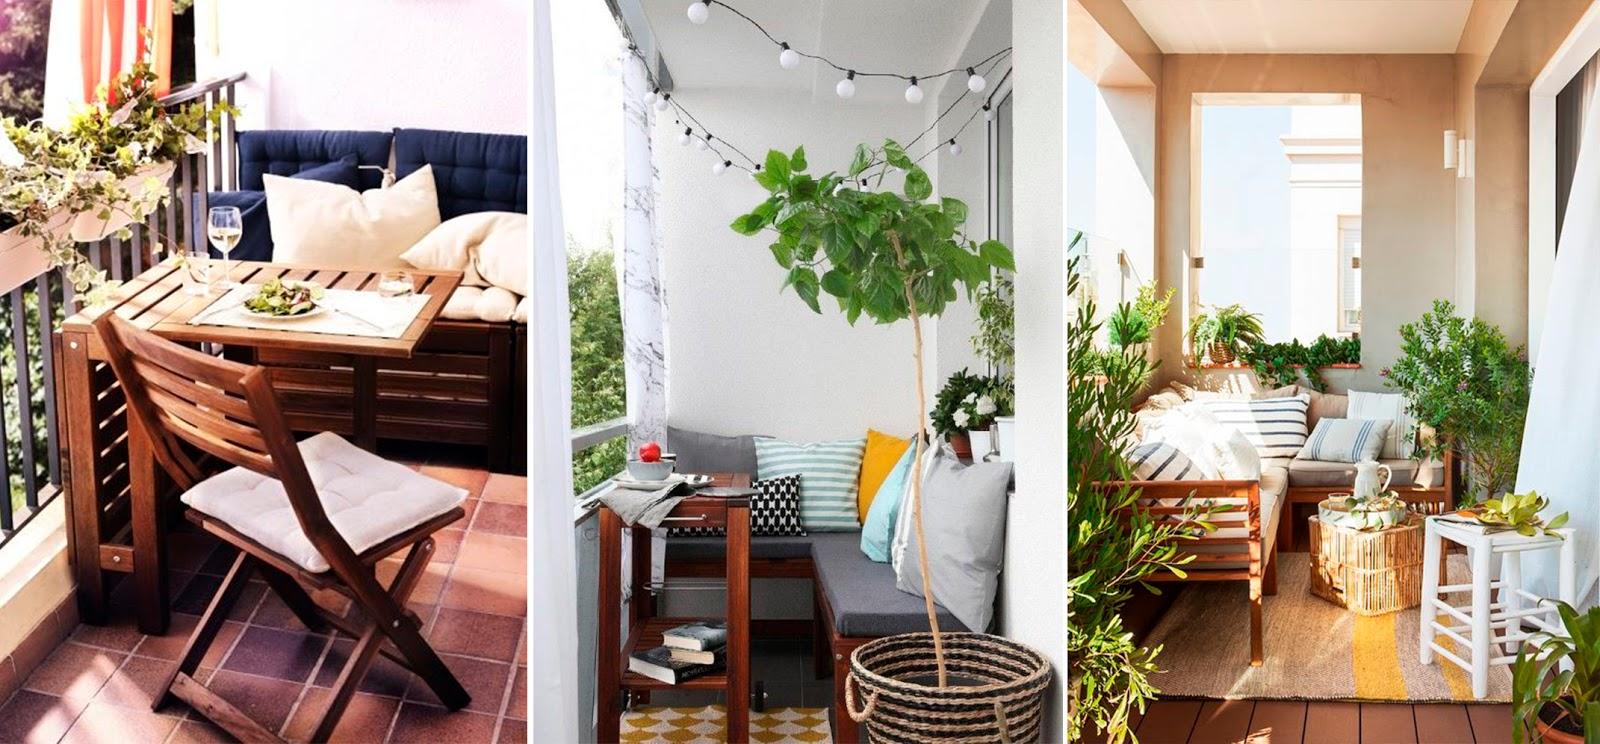 Terraza peque a lista para el verano es algo personal for Mobiliario terraza pequena